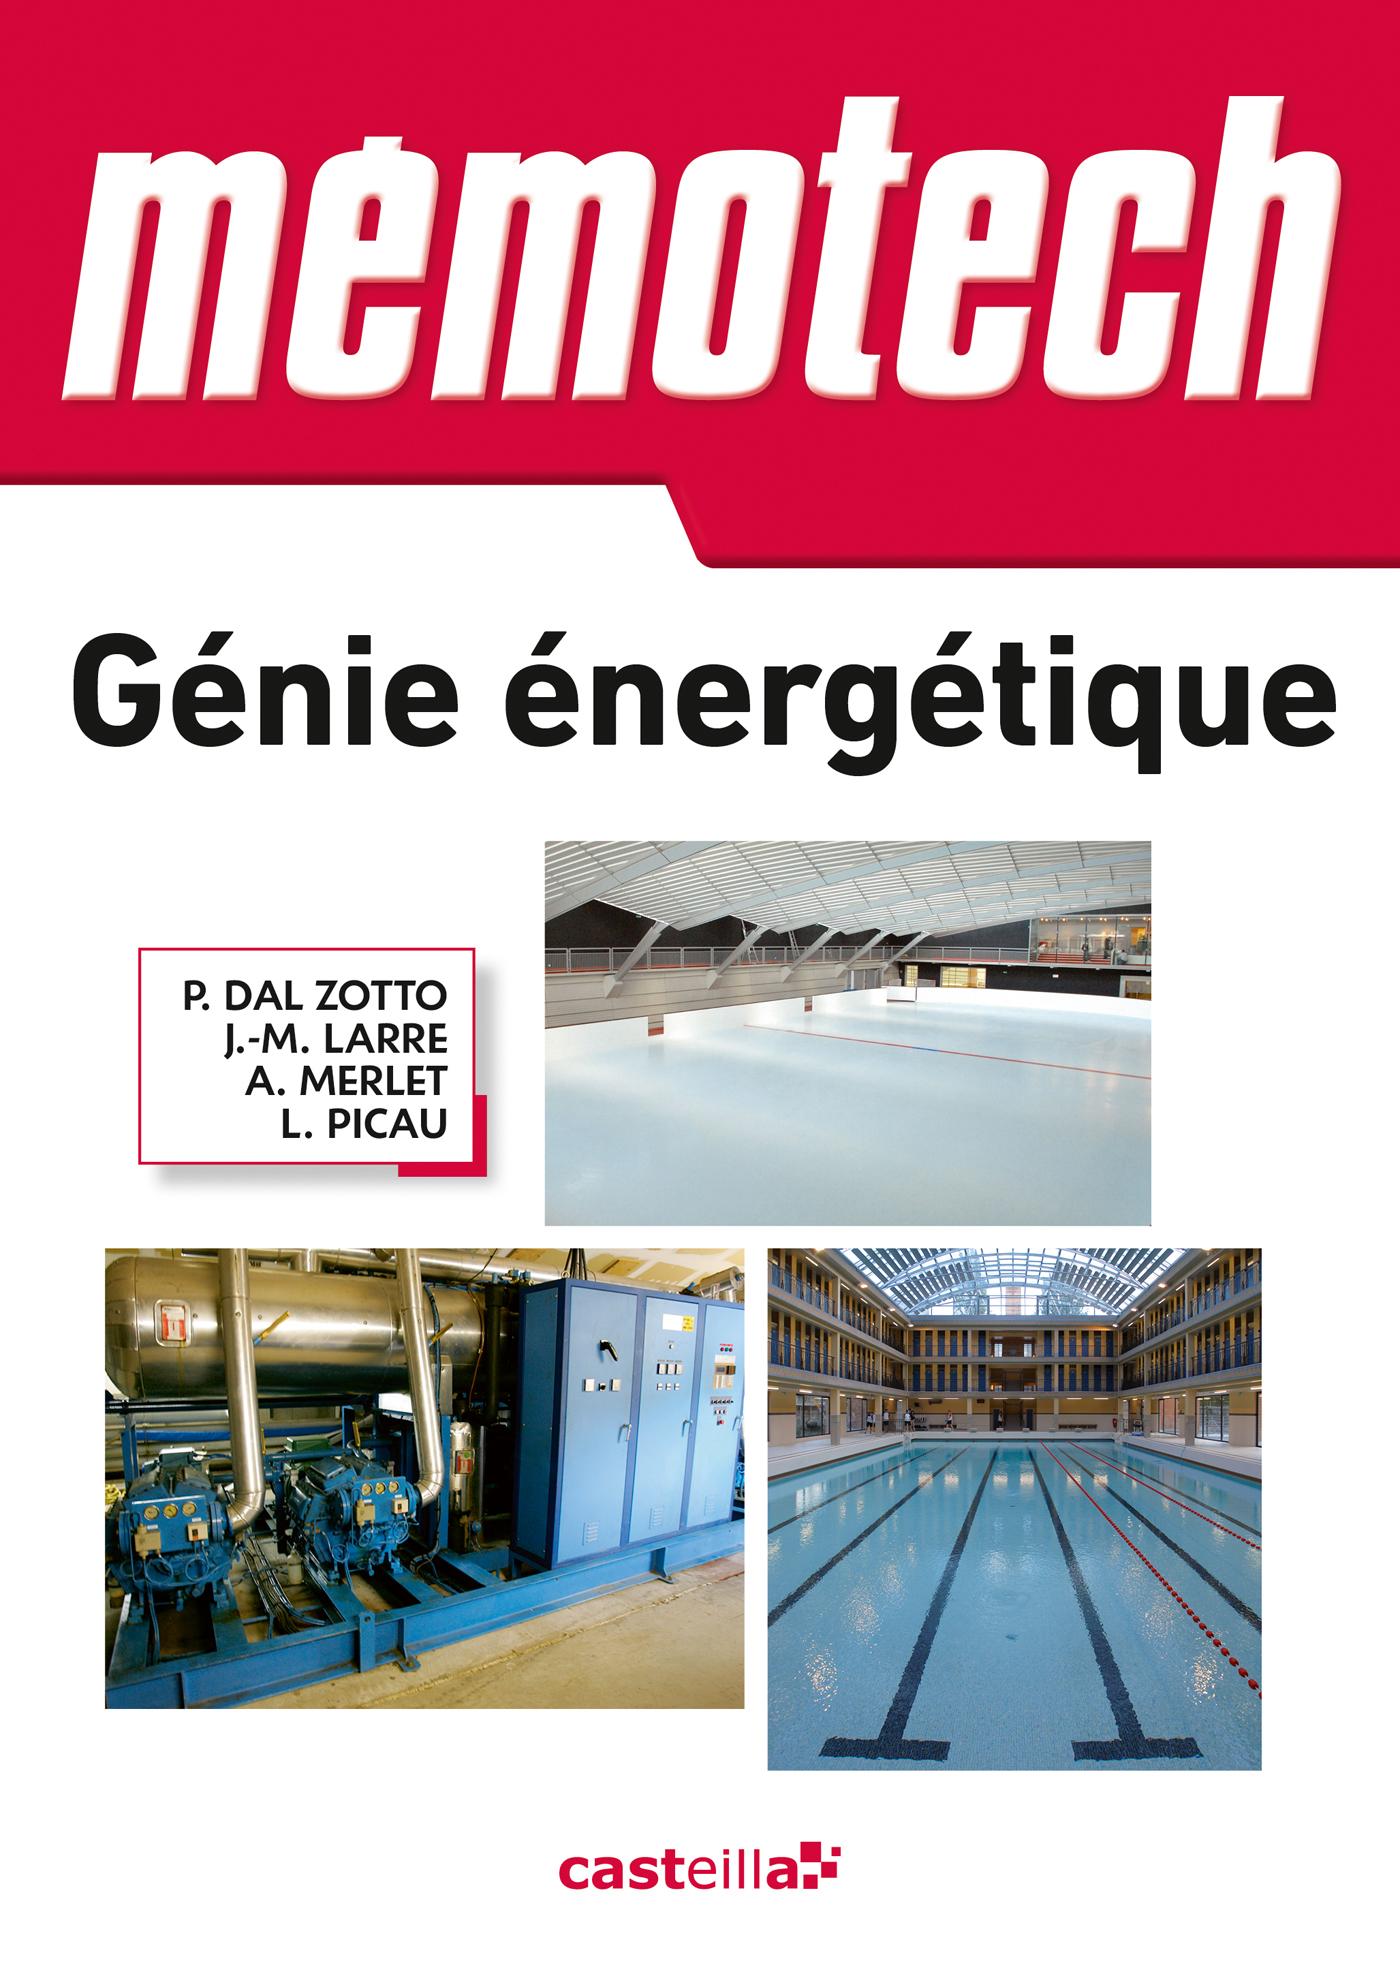 memotech génie énergétique